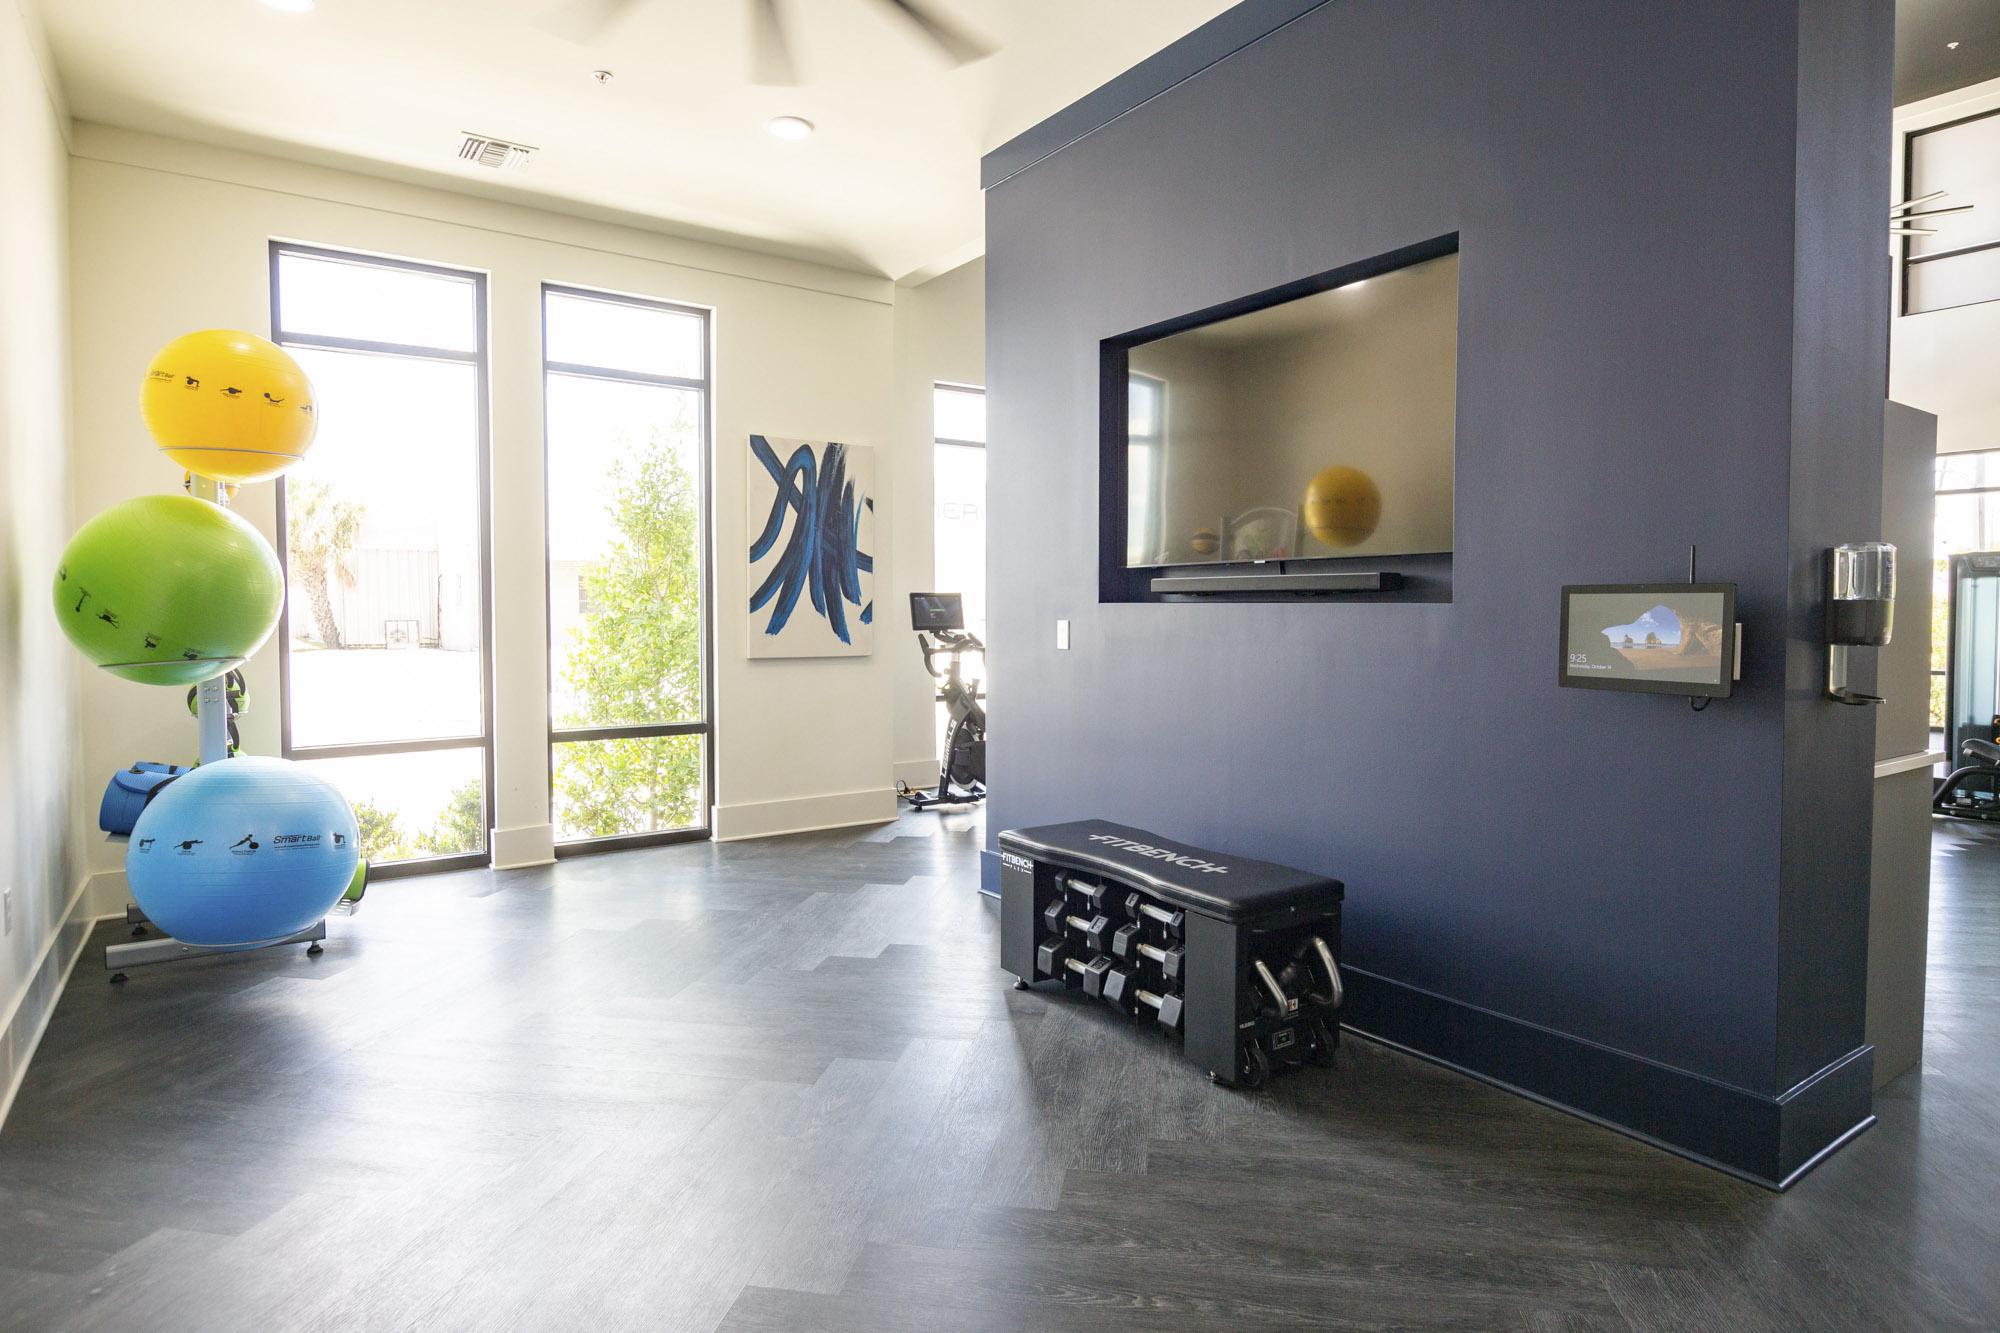 26 Fitness Center